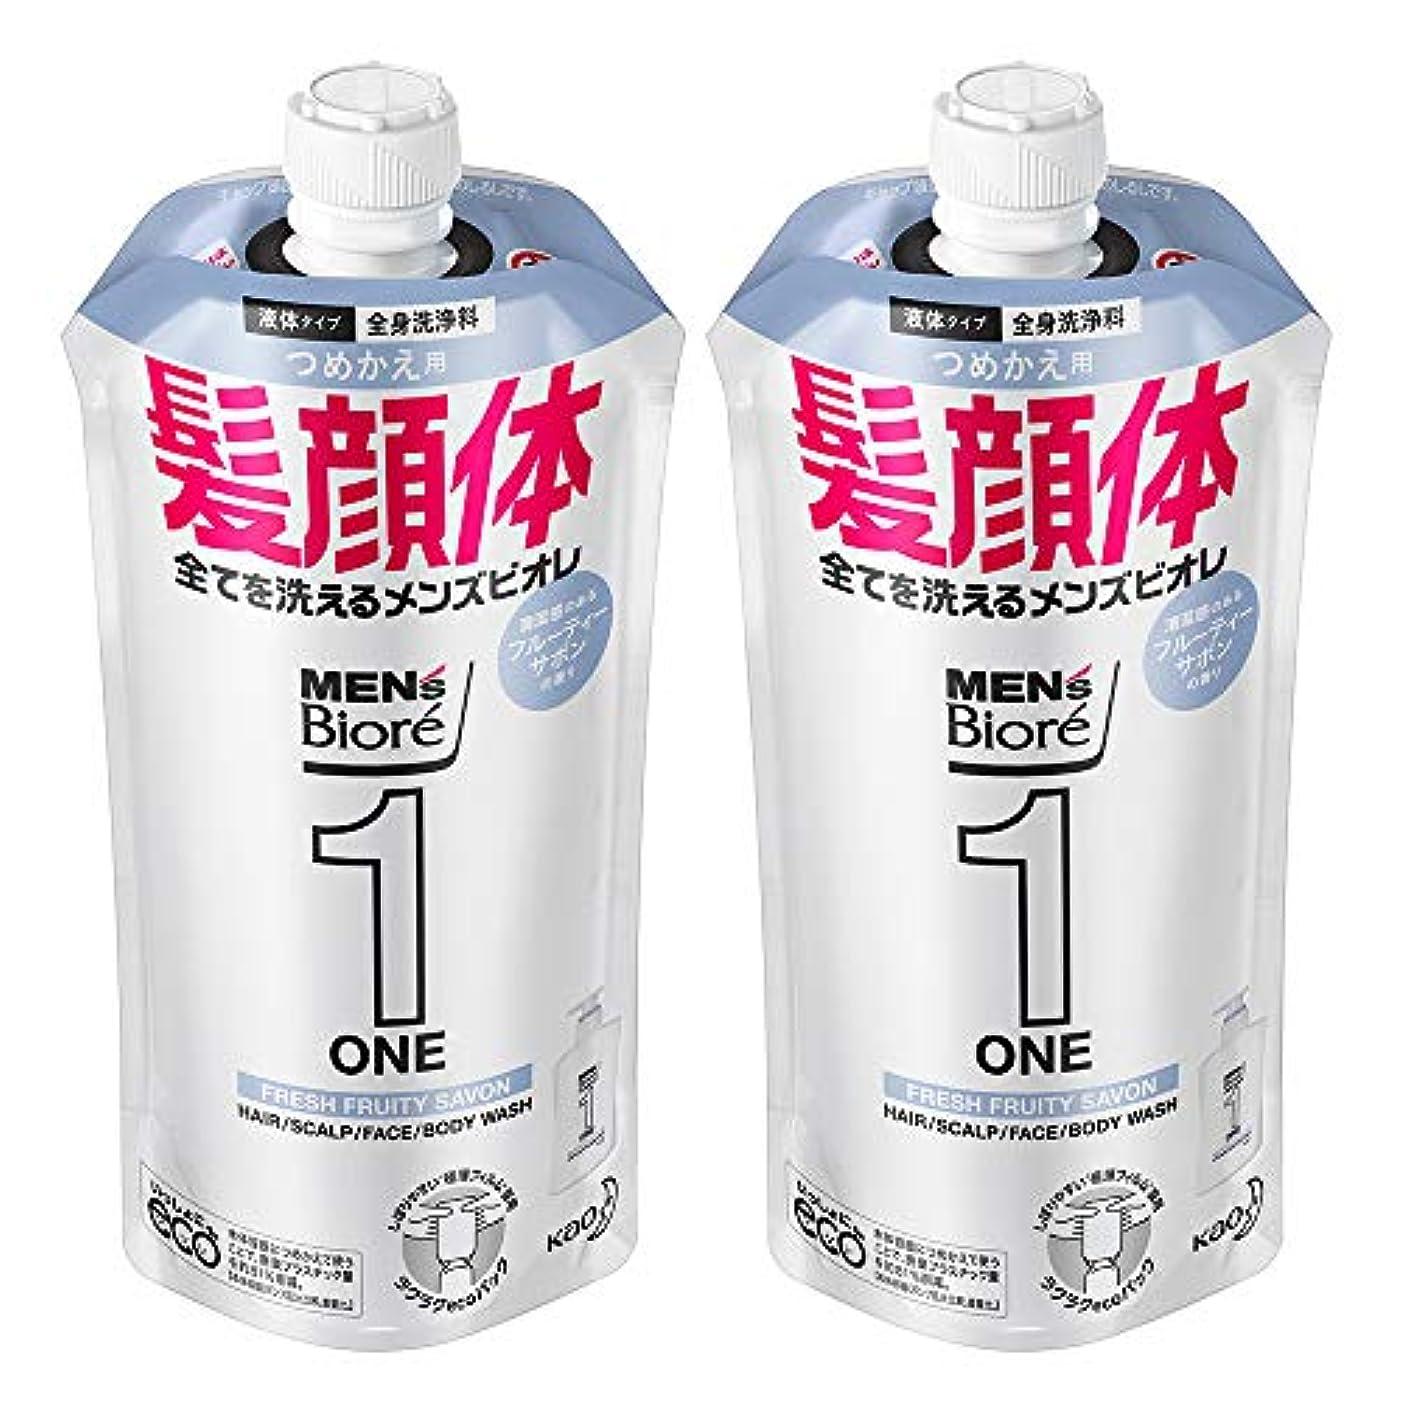 意識的作成する短くする【まとめ買い】メンズビオレ ONE オールインワン全身洗浄料 フルーティーサボンの香り つめかえ用 340ml×2個